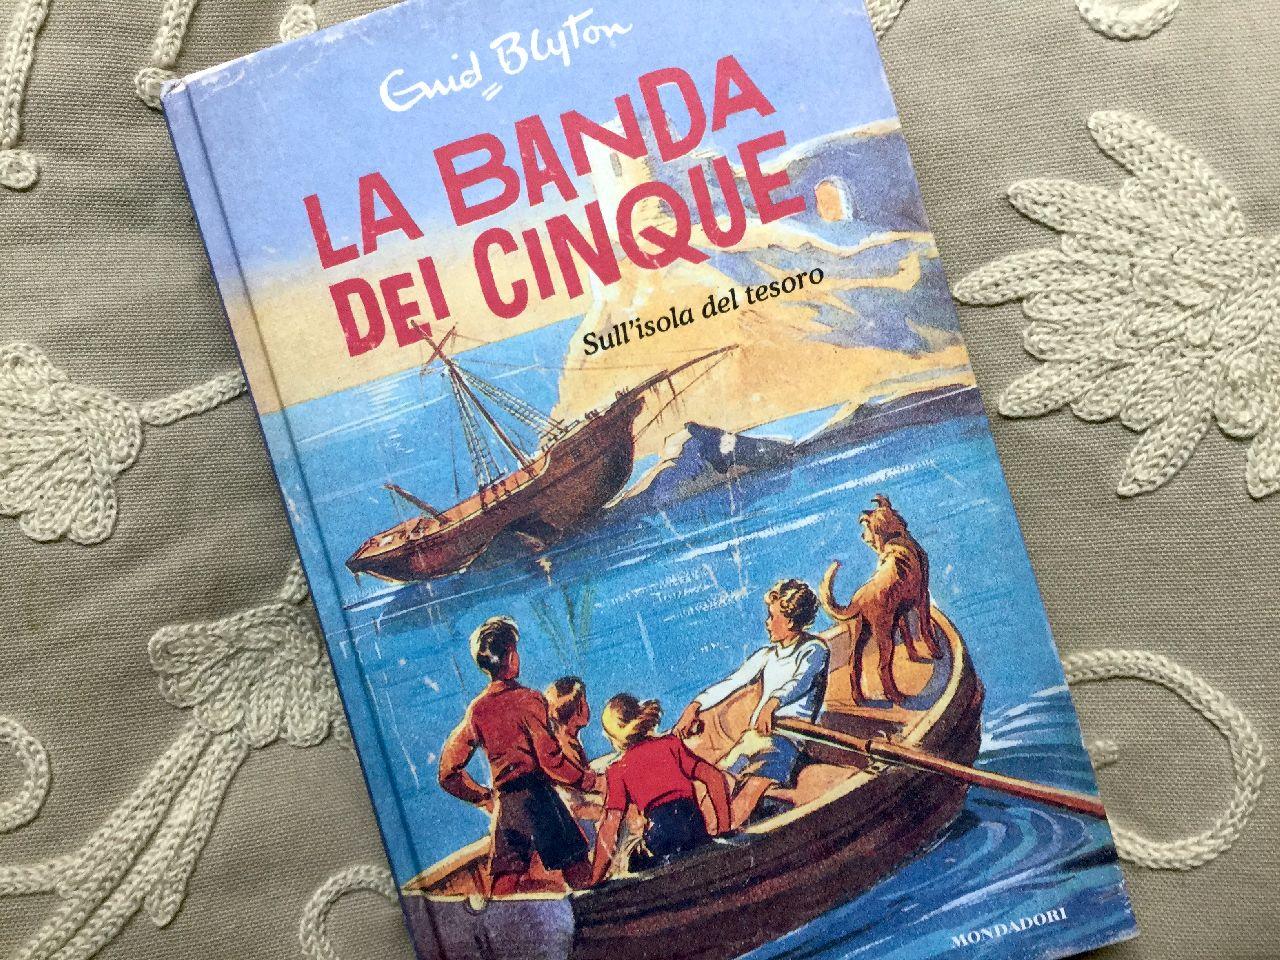 Enid Blyton, La banda dei cinque. Sull'isola del tesoro, Mondadori